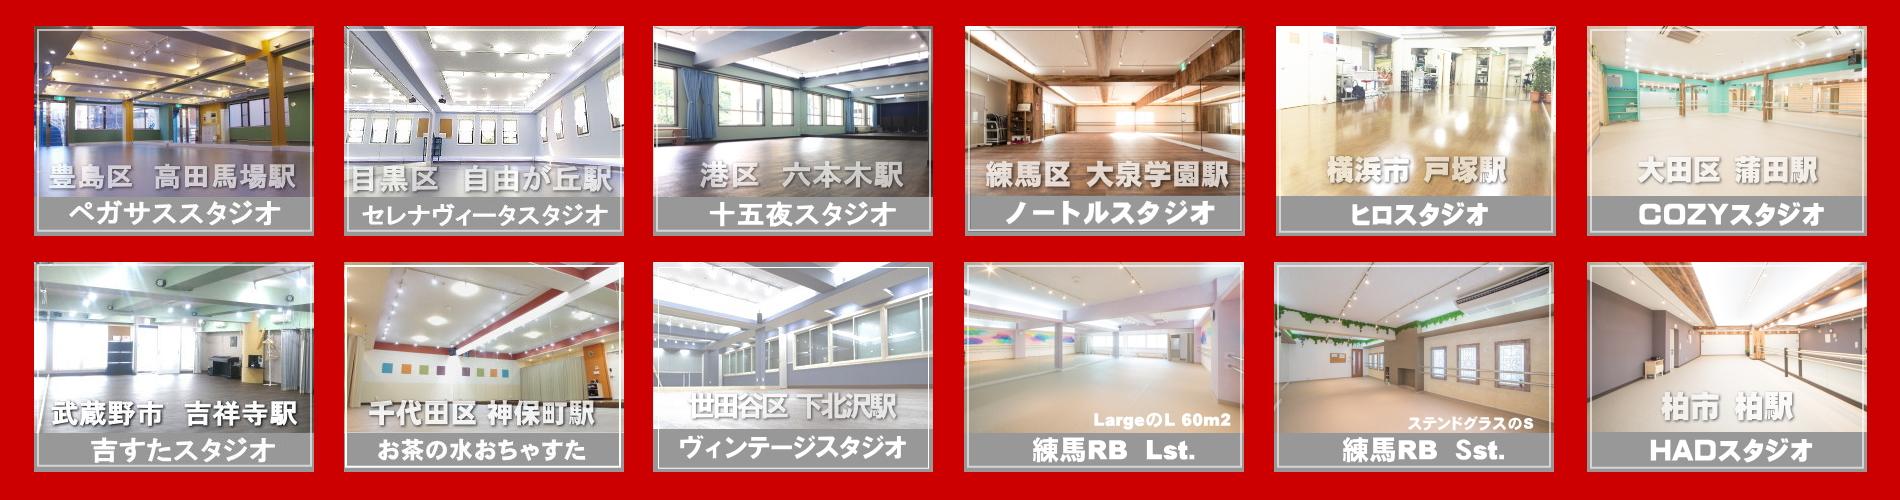 東京のレンタルスタジオ1